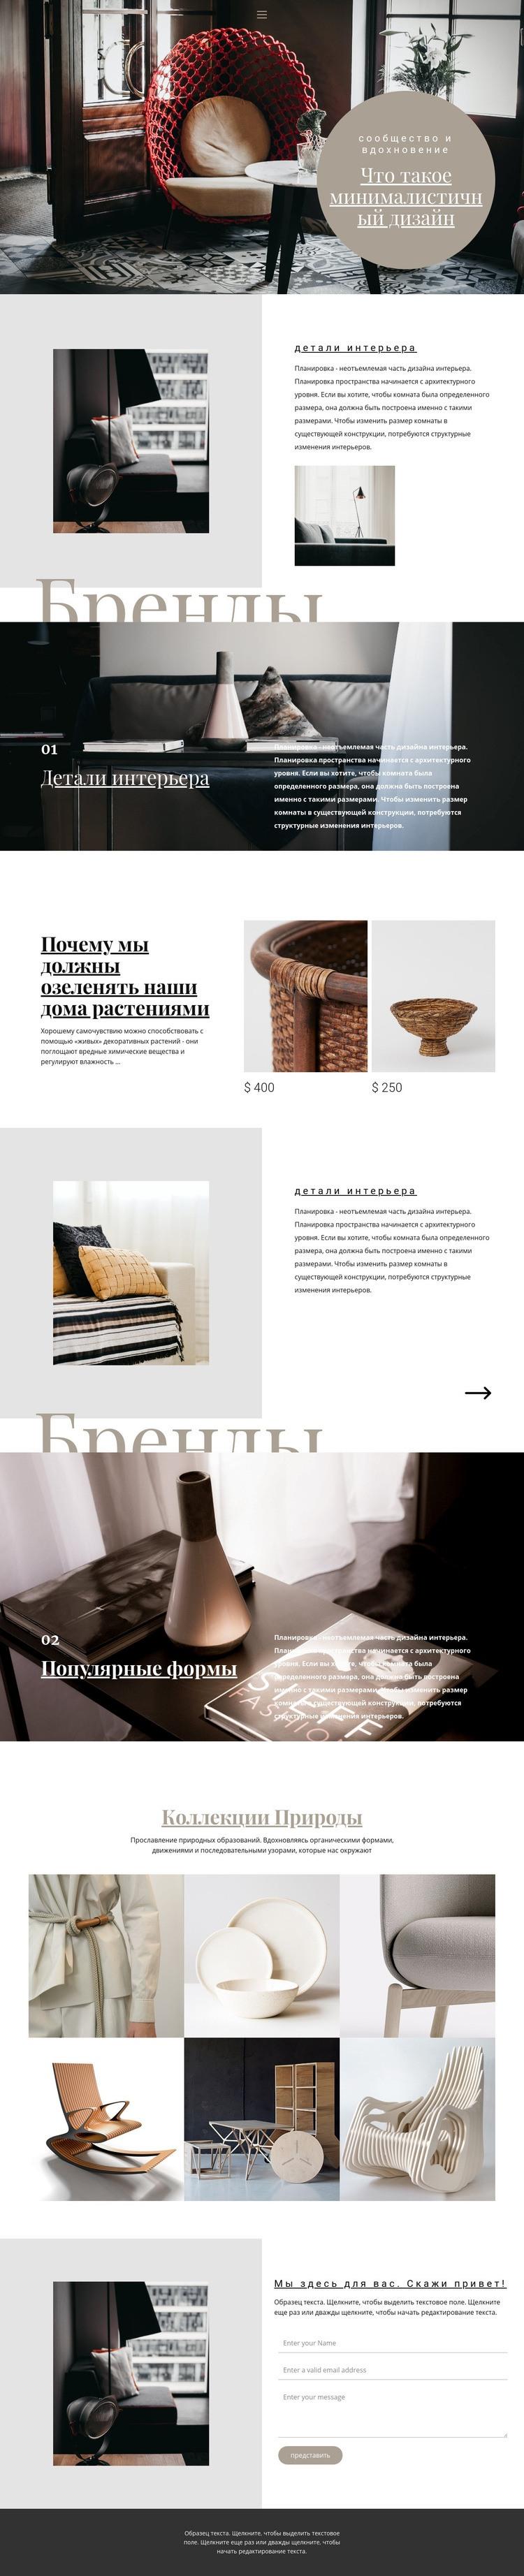 Интерьерные бренды Шаблон веб-сайта